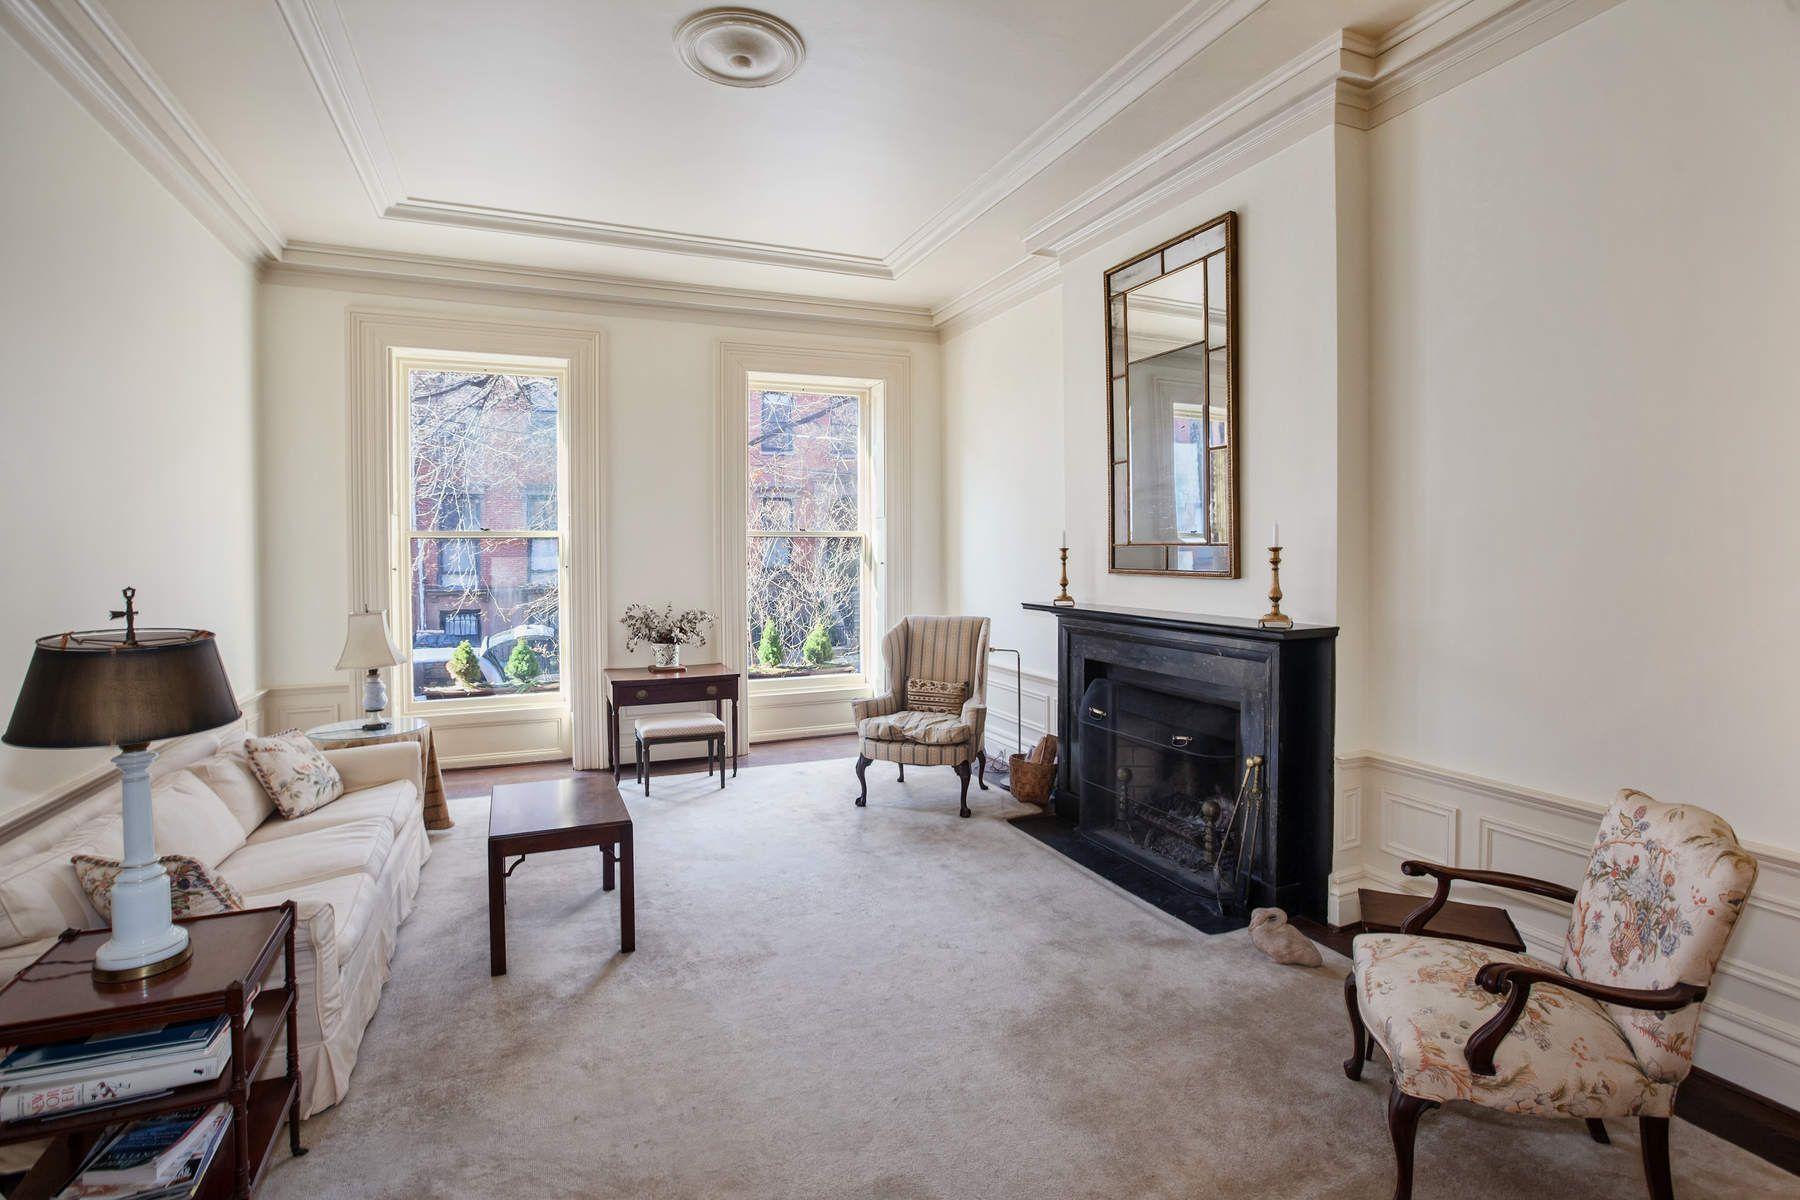 Таунхаус для того Продажа на Elegant & Spacious Prime Heights Home 261 Henry Street Brooklyn, Нью-Йорк 11201 Соединенные Штаты